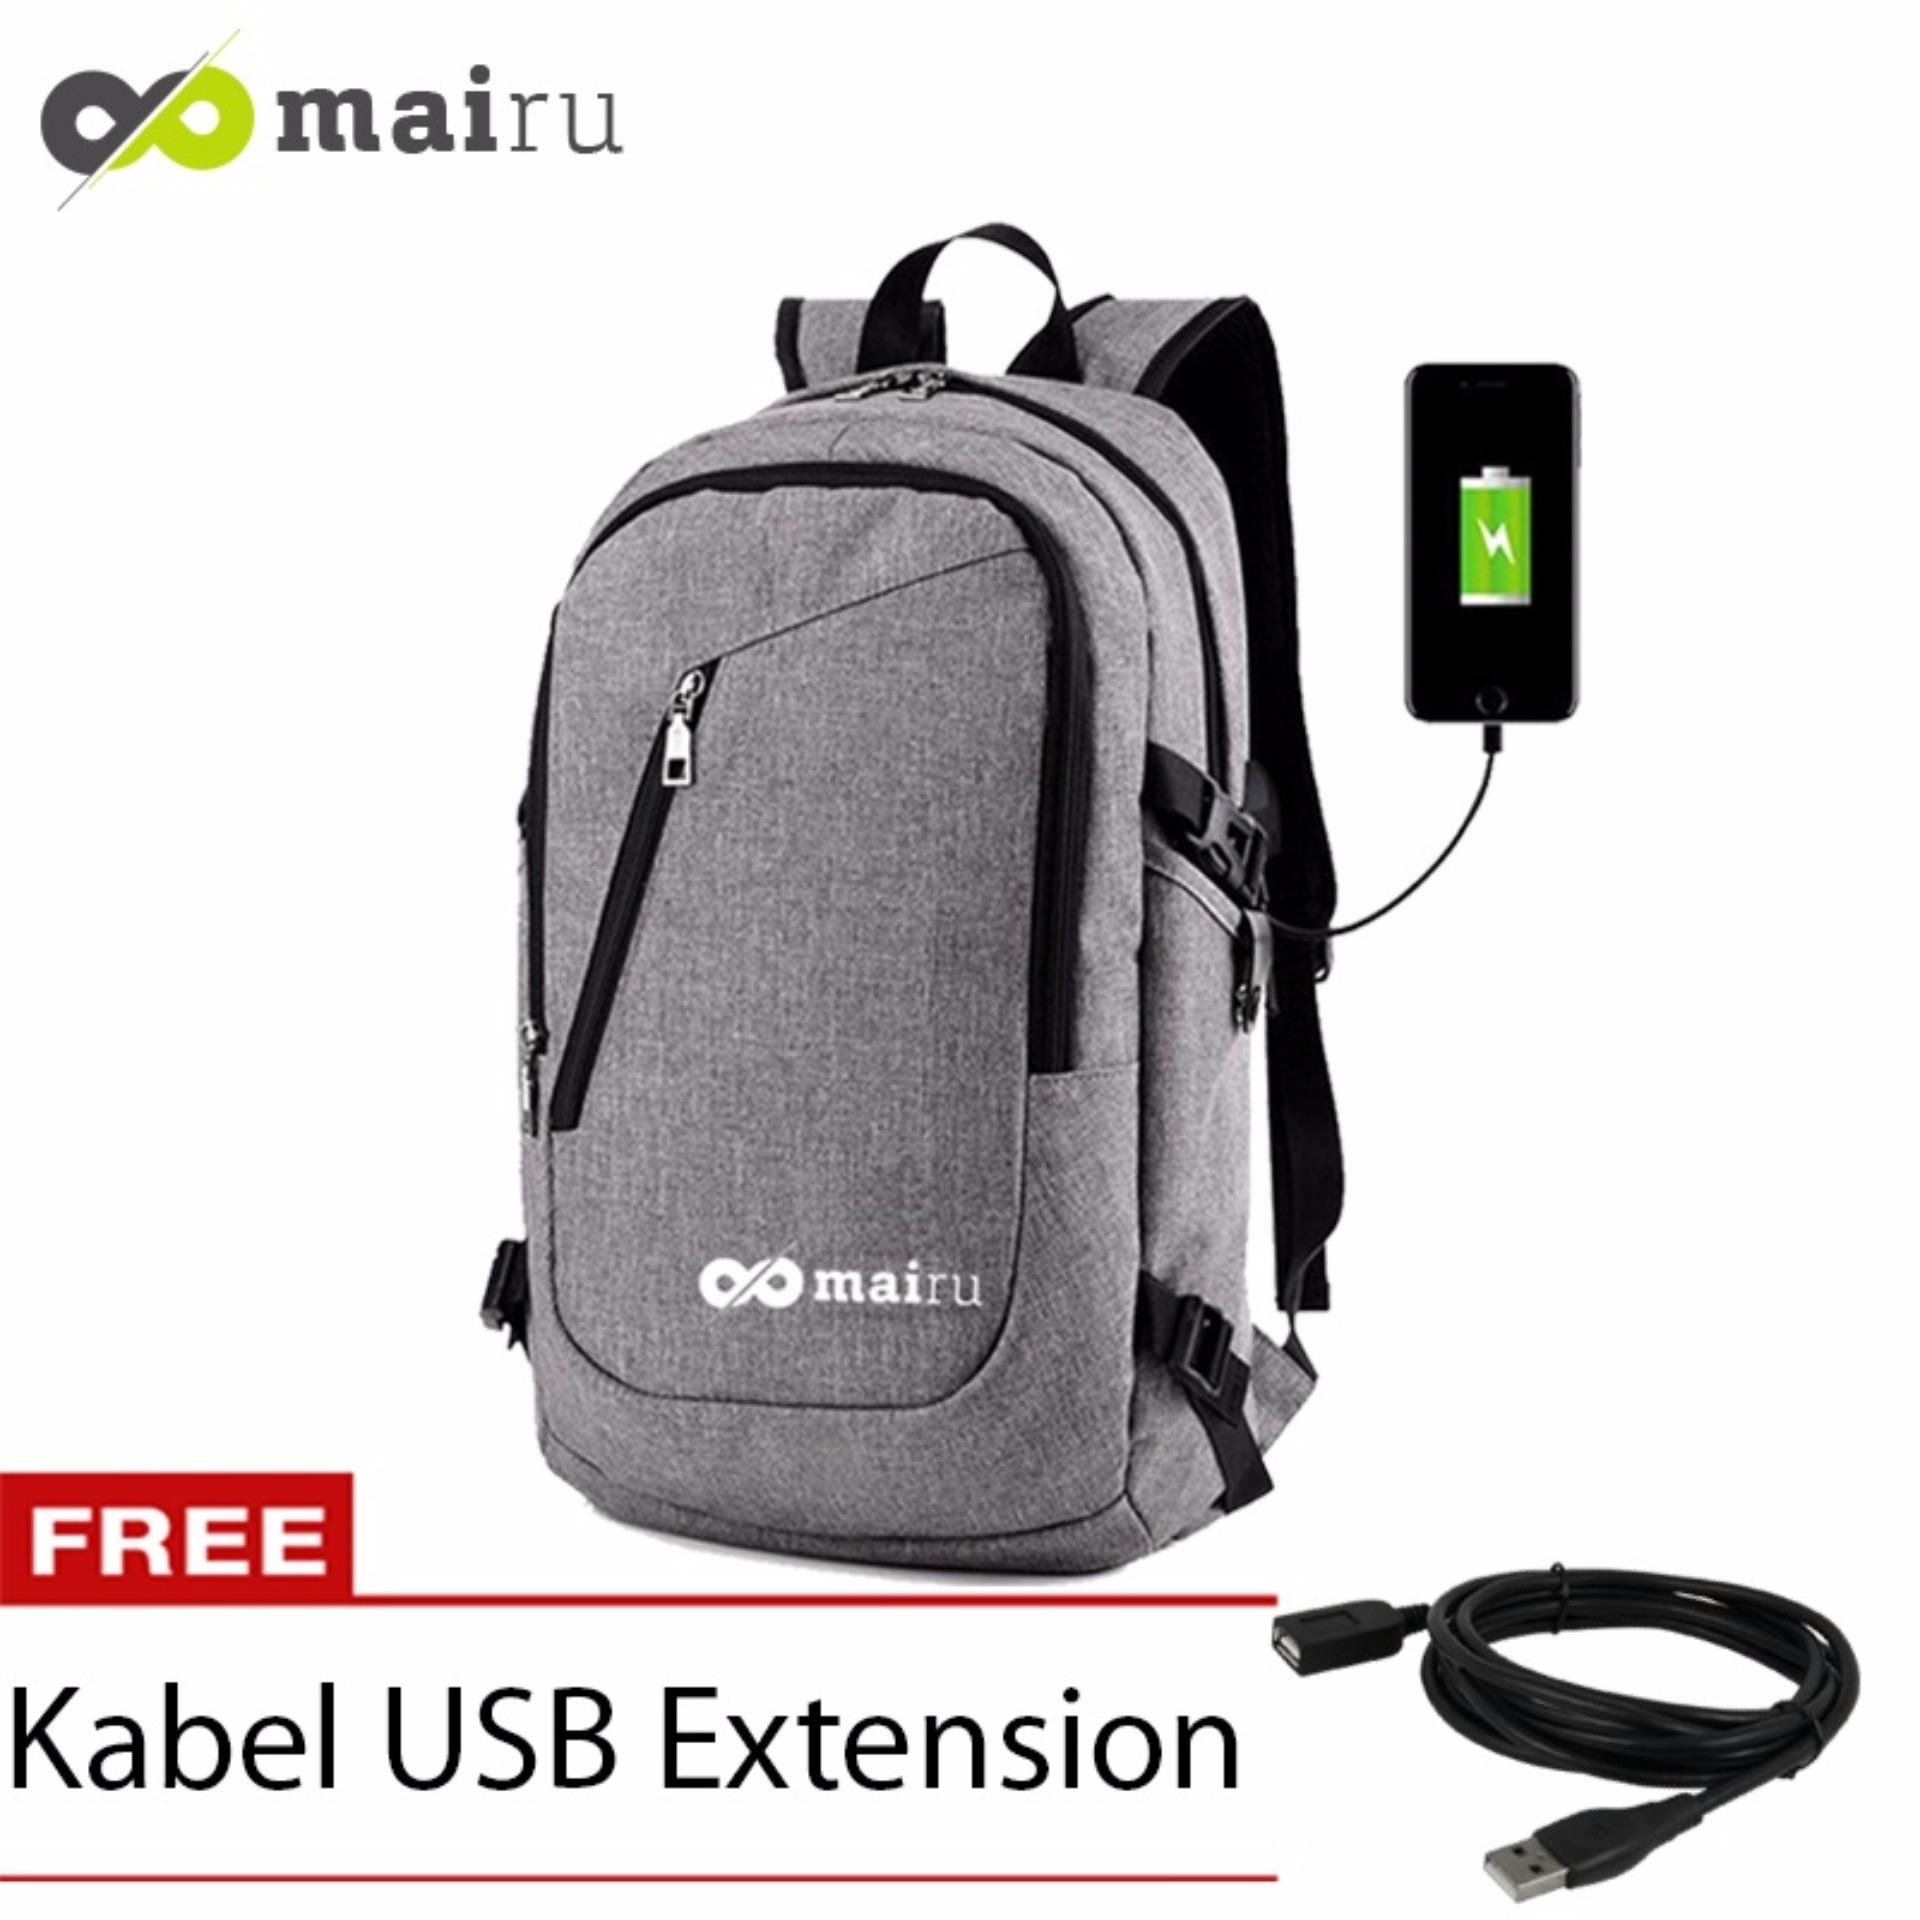 Cuci Gudang Mairu Tas Ransel Laptop Pria Sekolah Kuliah Kerja Backpack Support Usb Port Charger Anti Air 0219 Grey